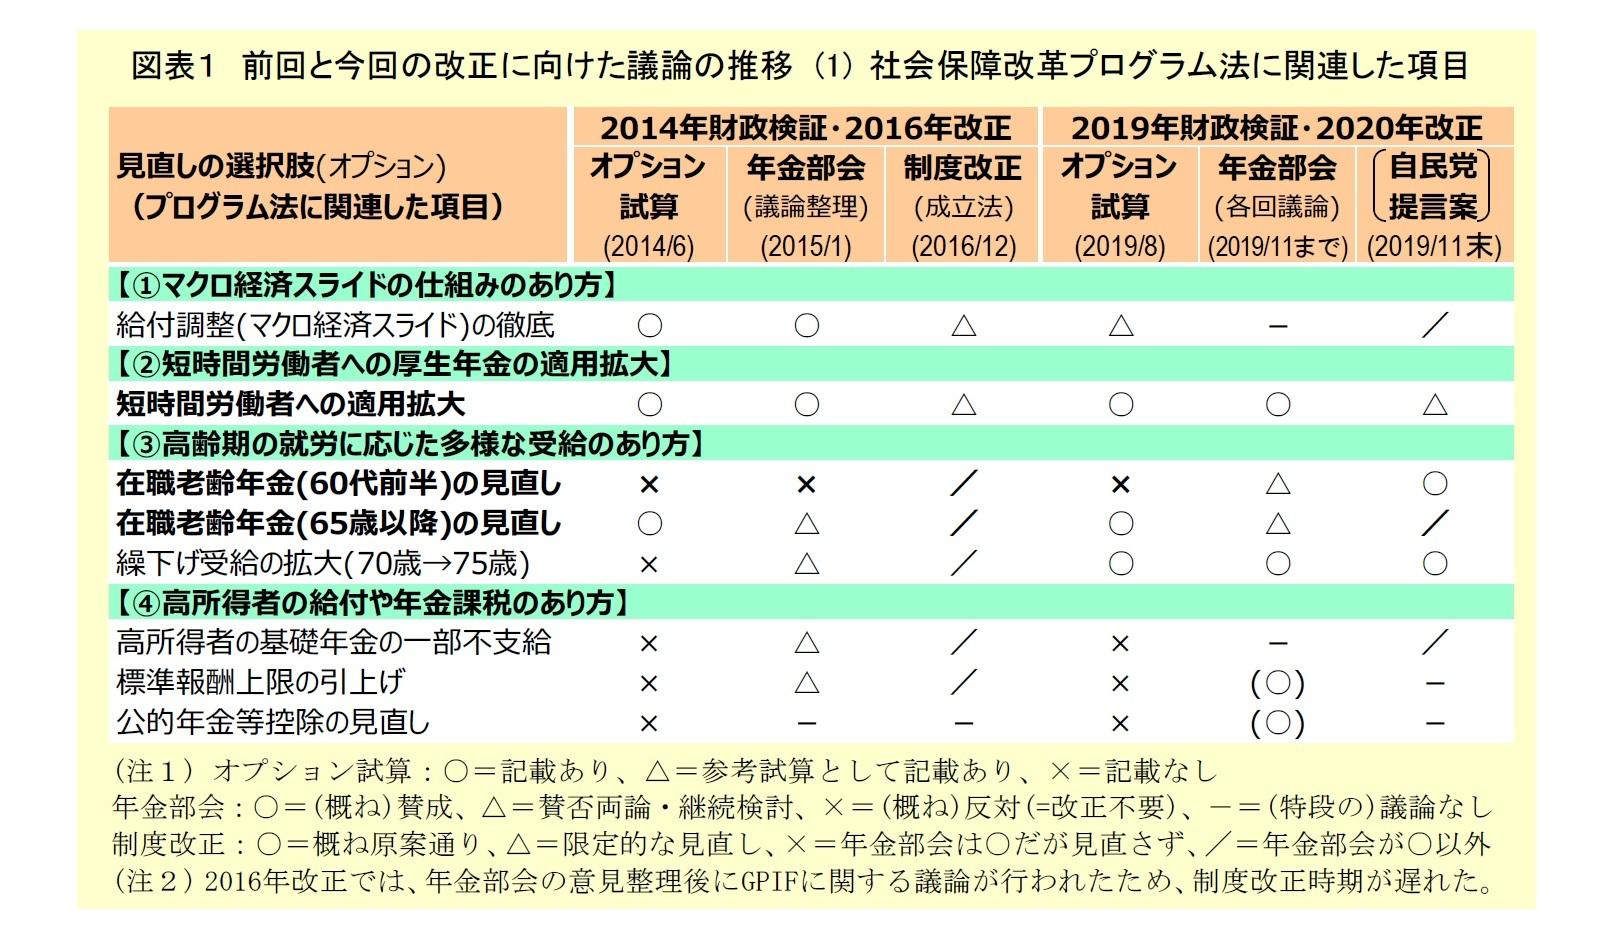 図表1:前回と今回の改正に向けた議論の推移